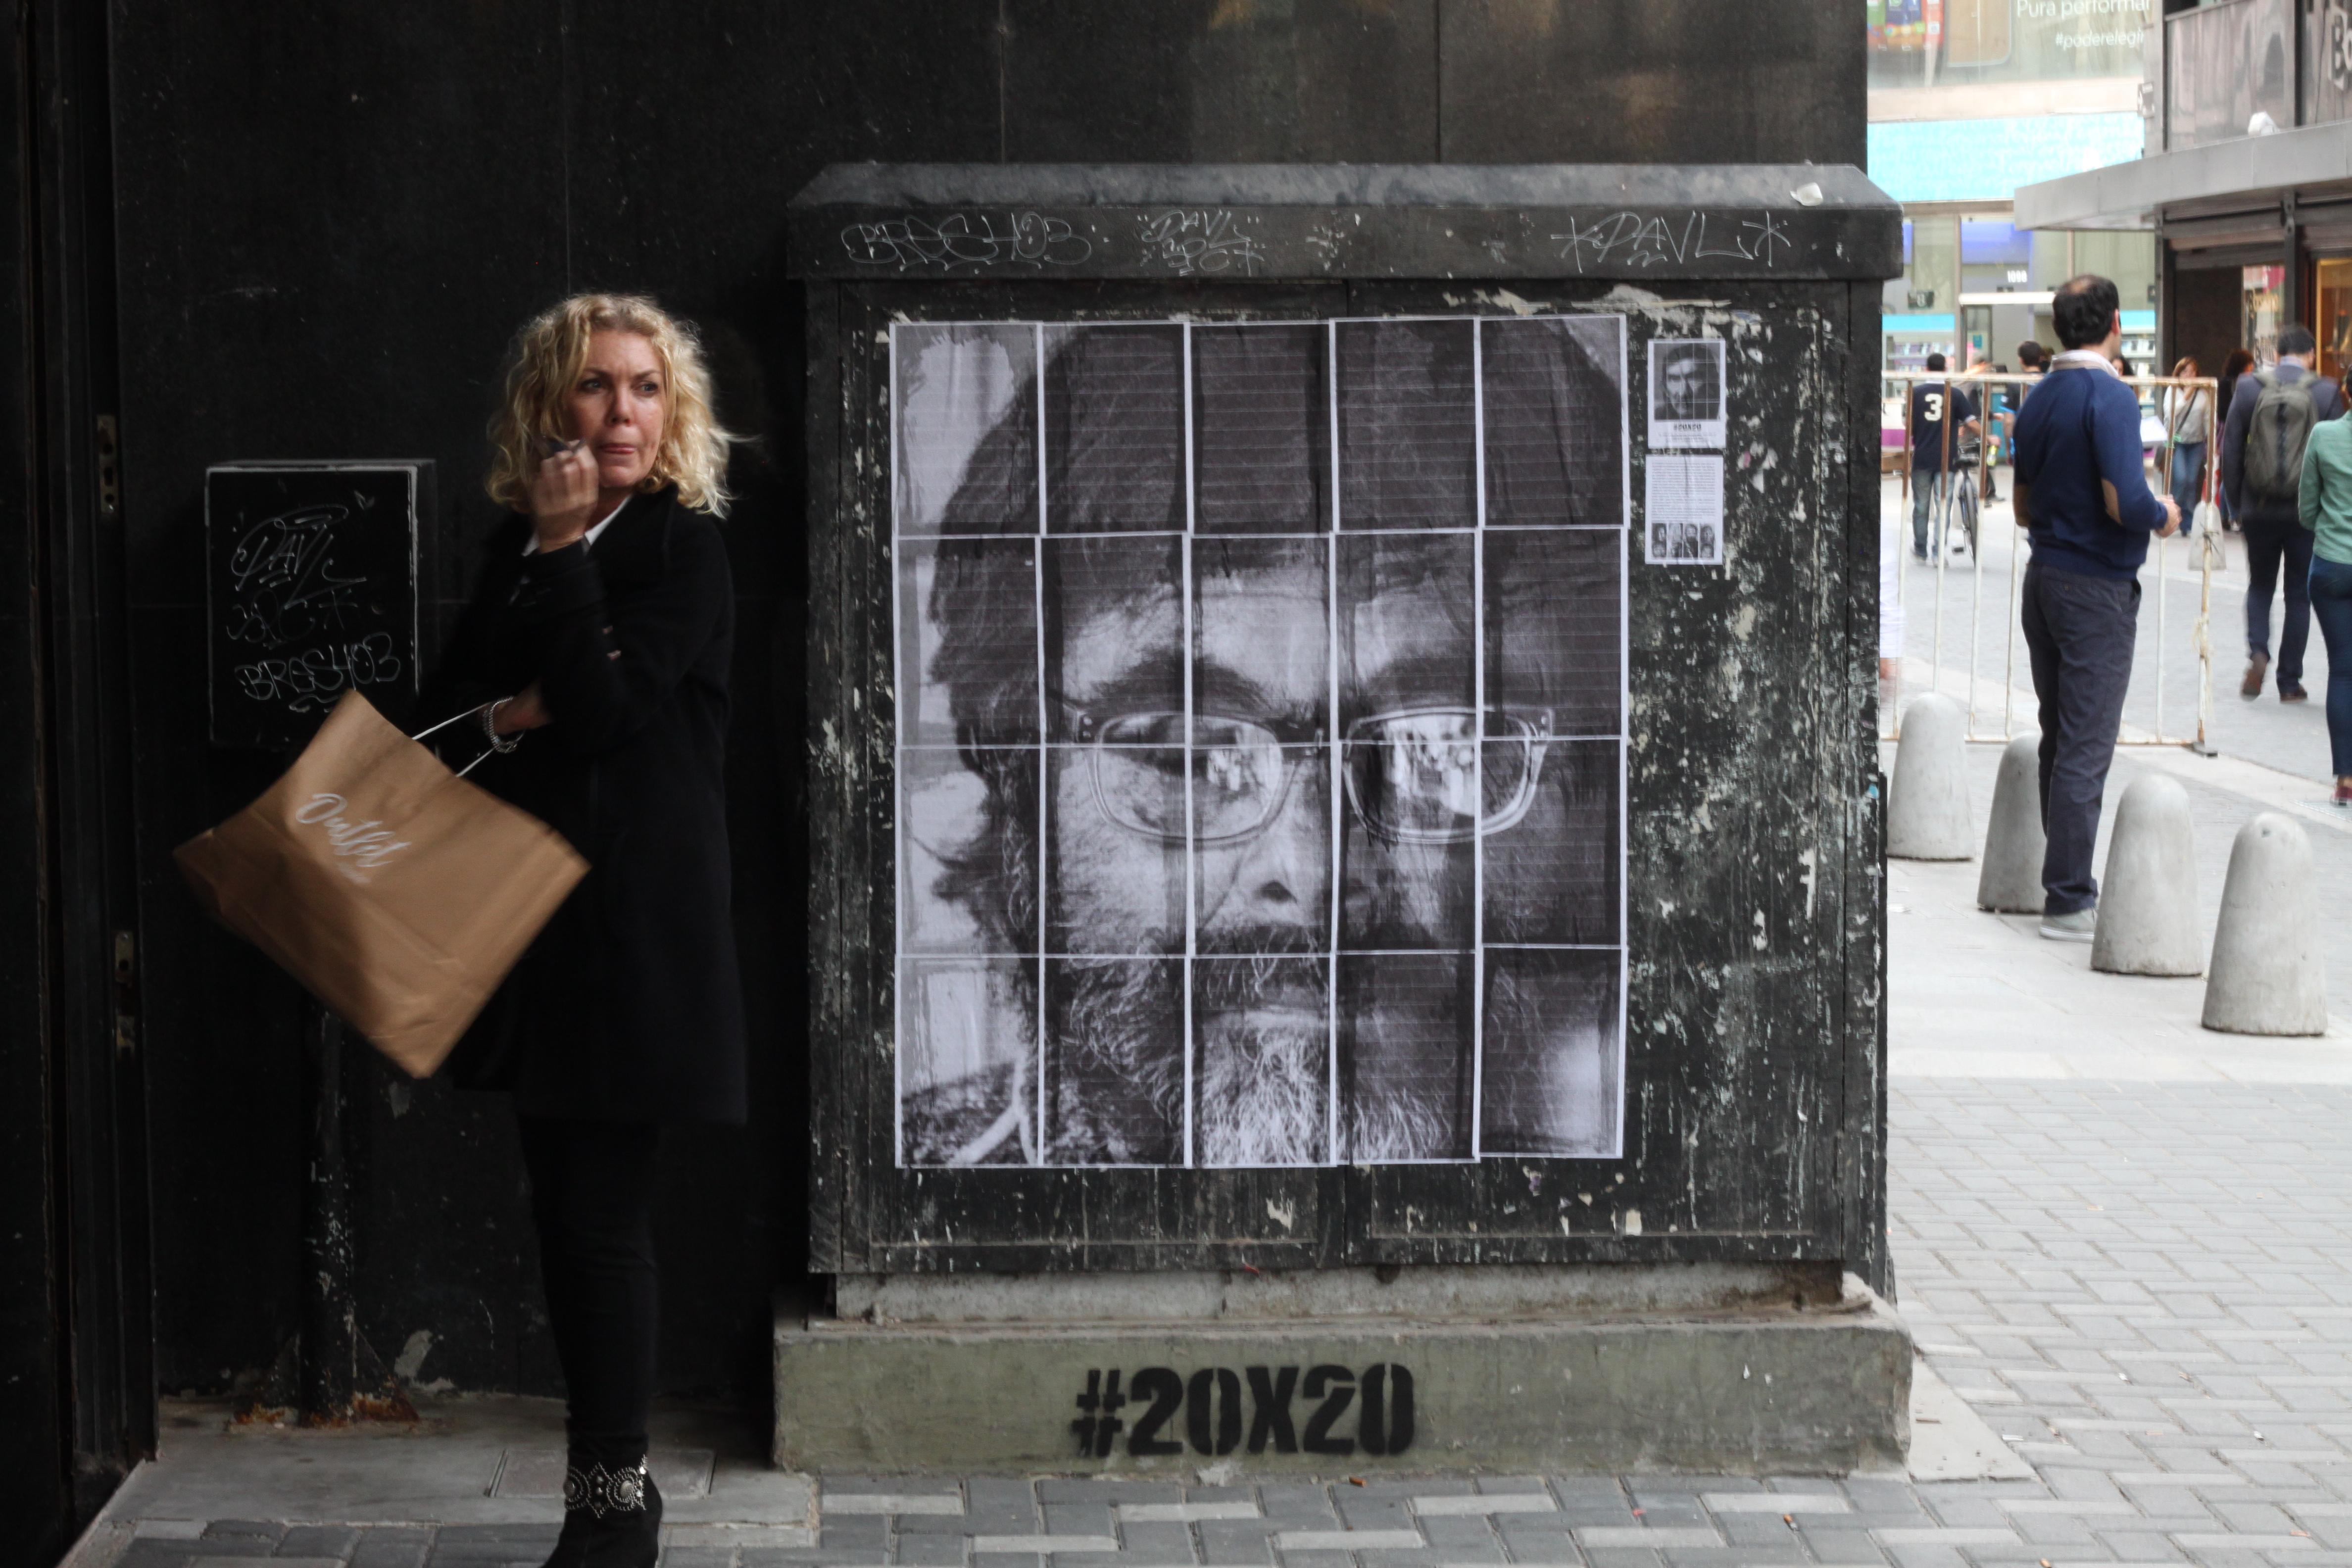 #20x20 y la gente